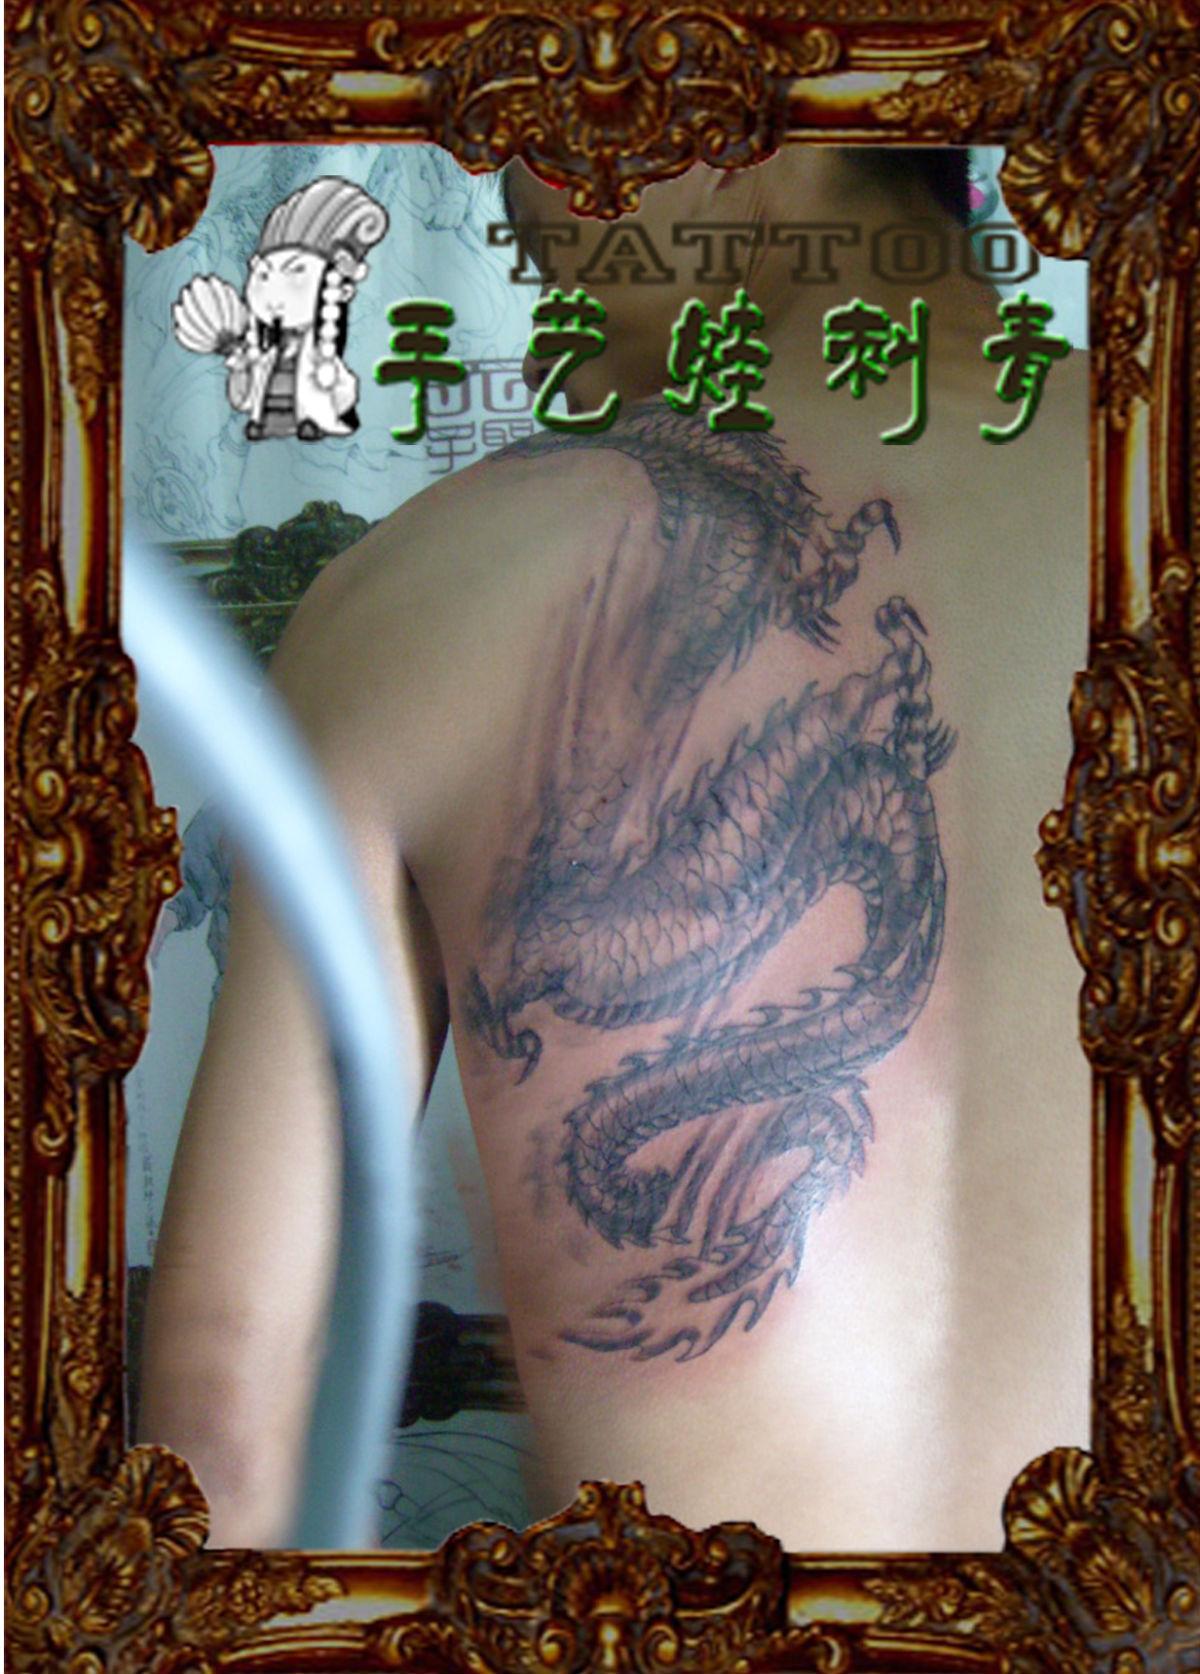 新疆手艺娃刺青欢迎指导_纹身吧_百度贴吧图片